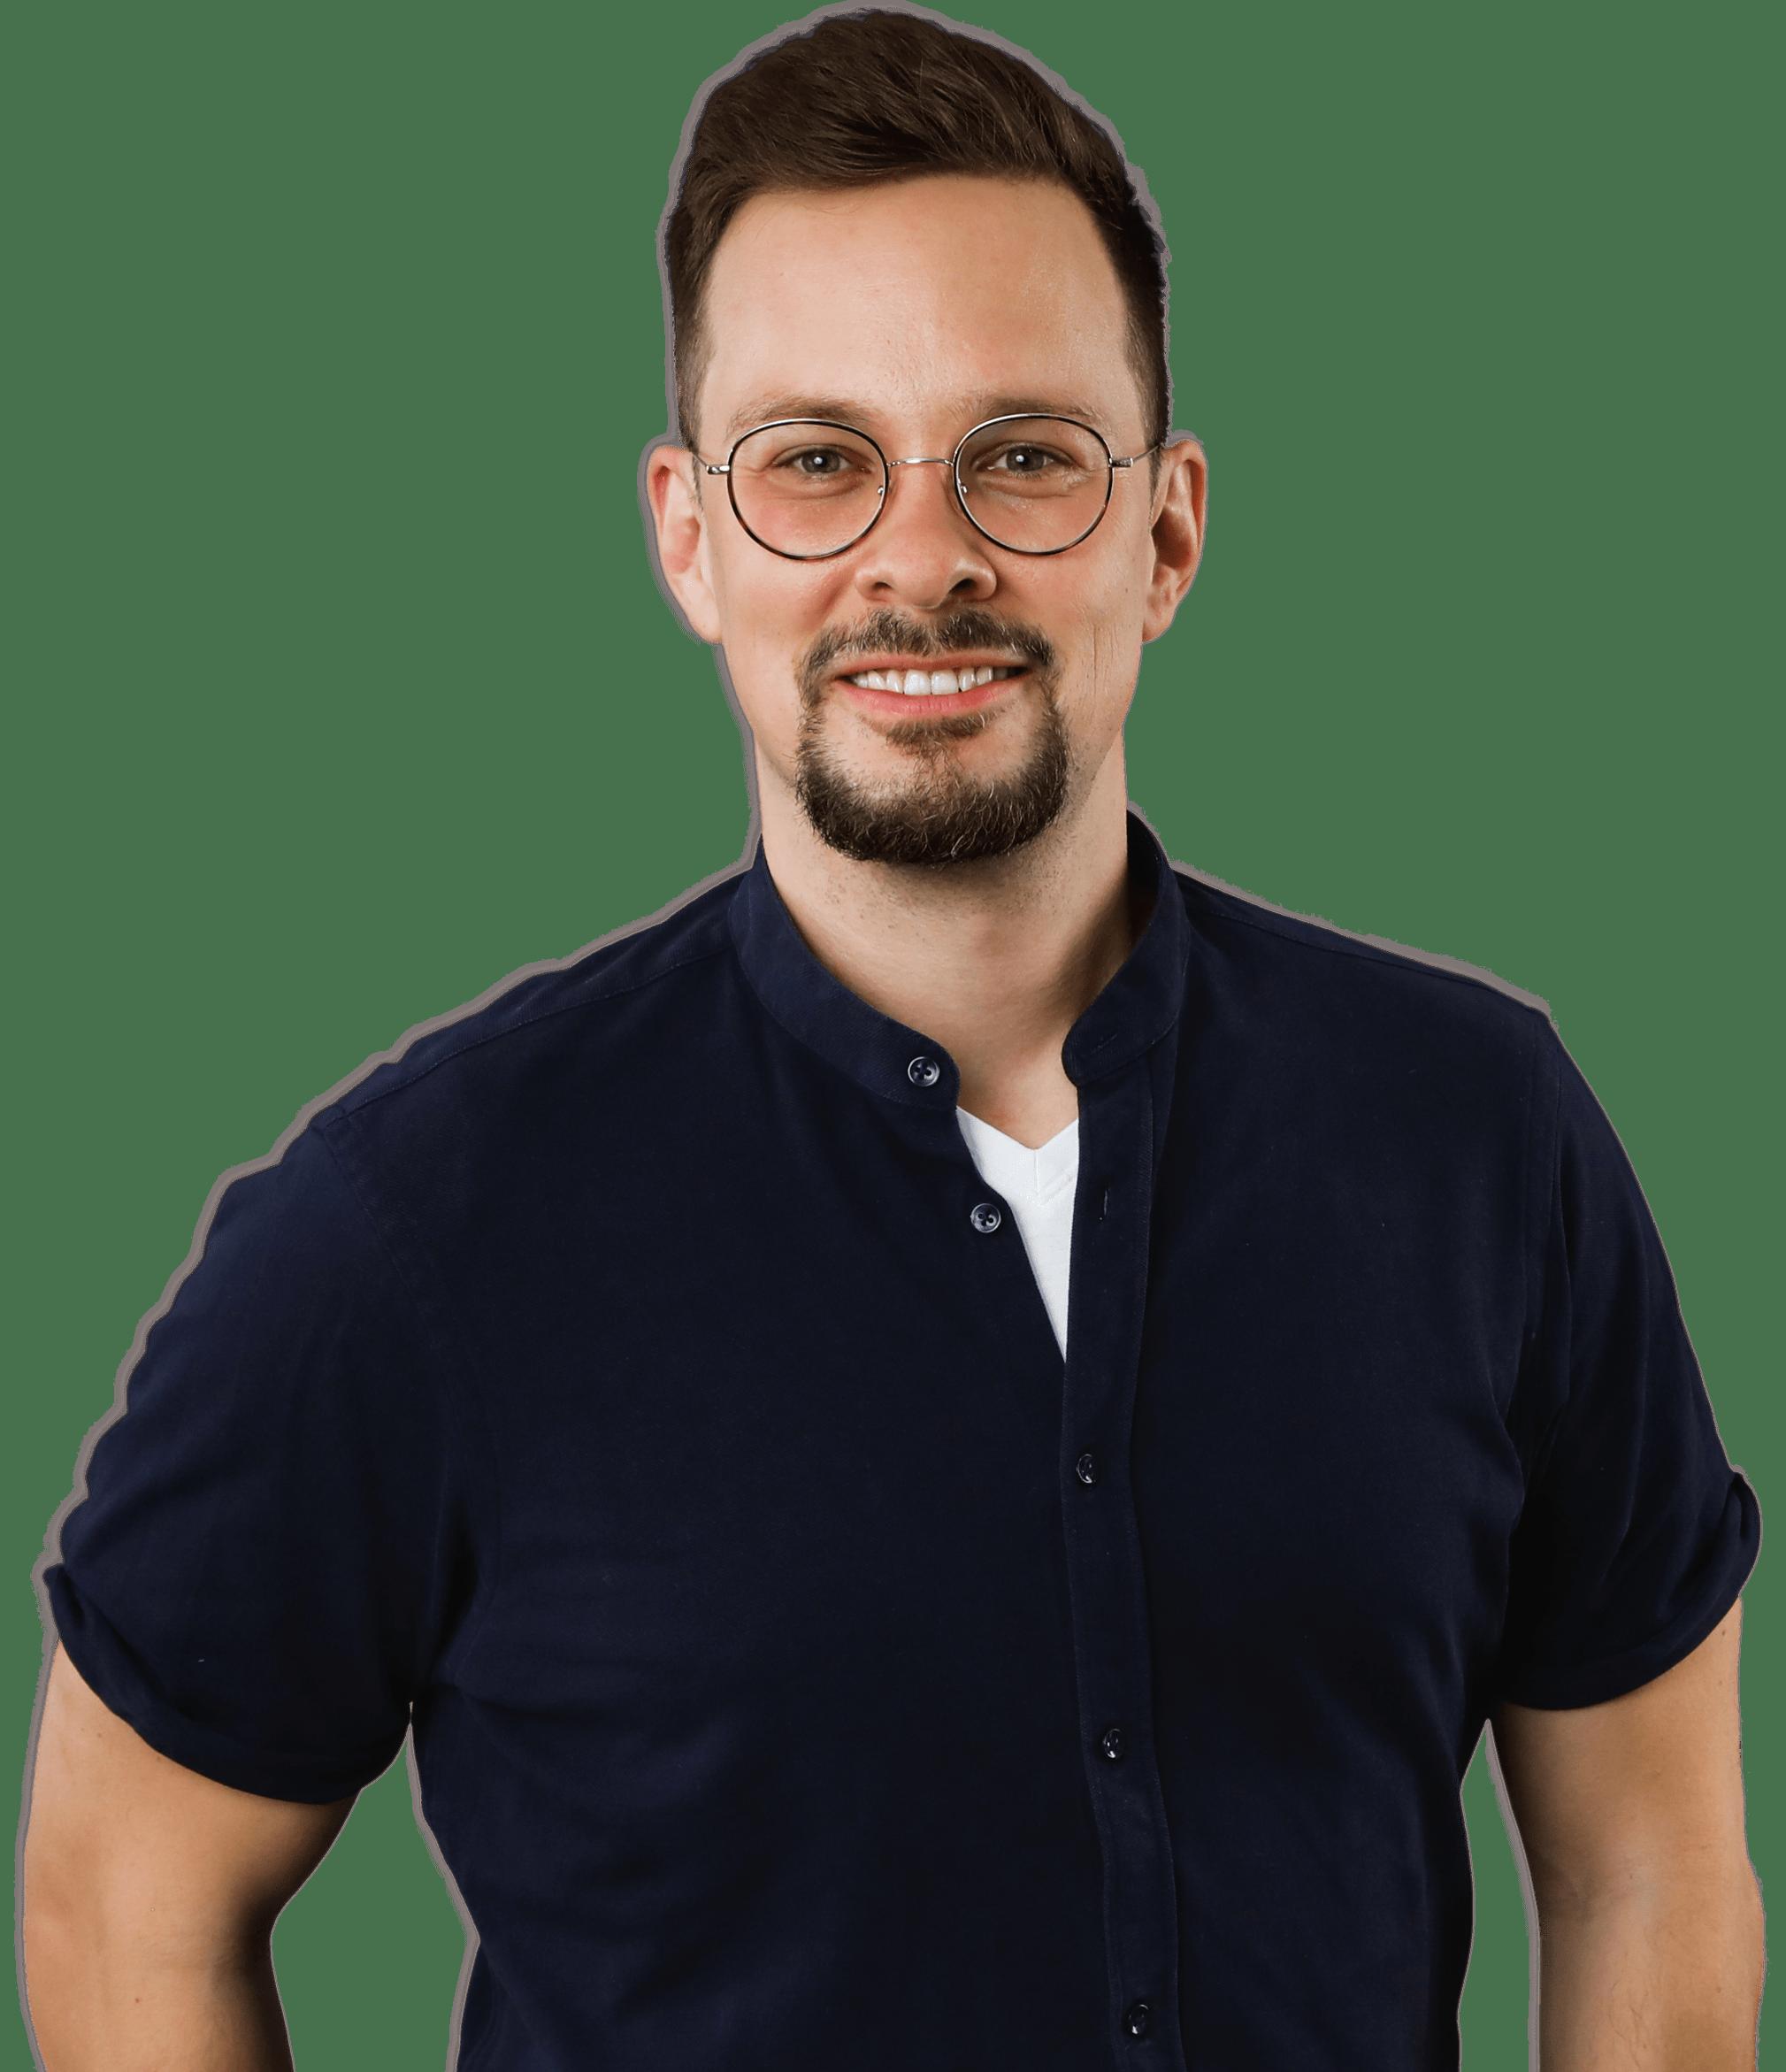 Profilbild Ihres SEA Google Ads Freelancer Sebastian Strauss